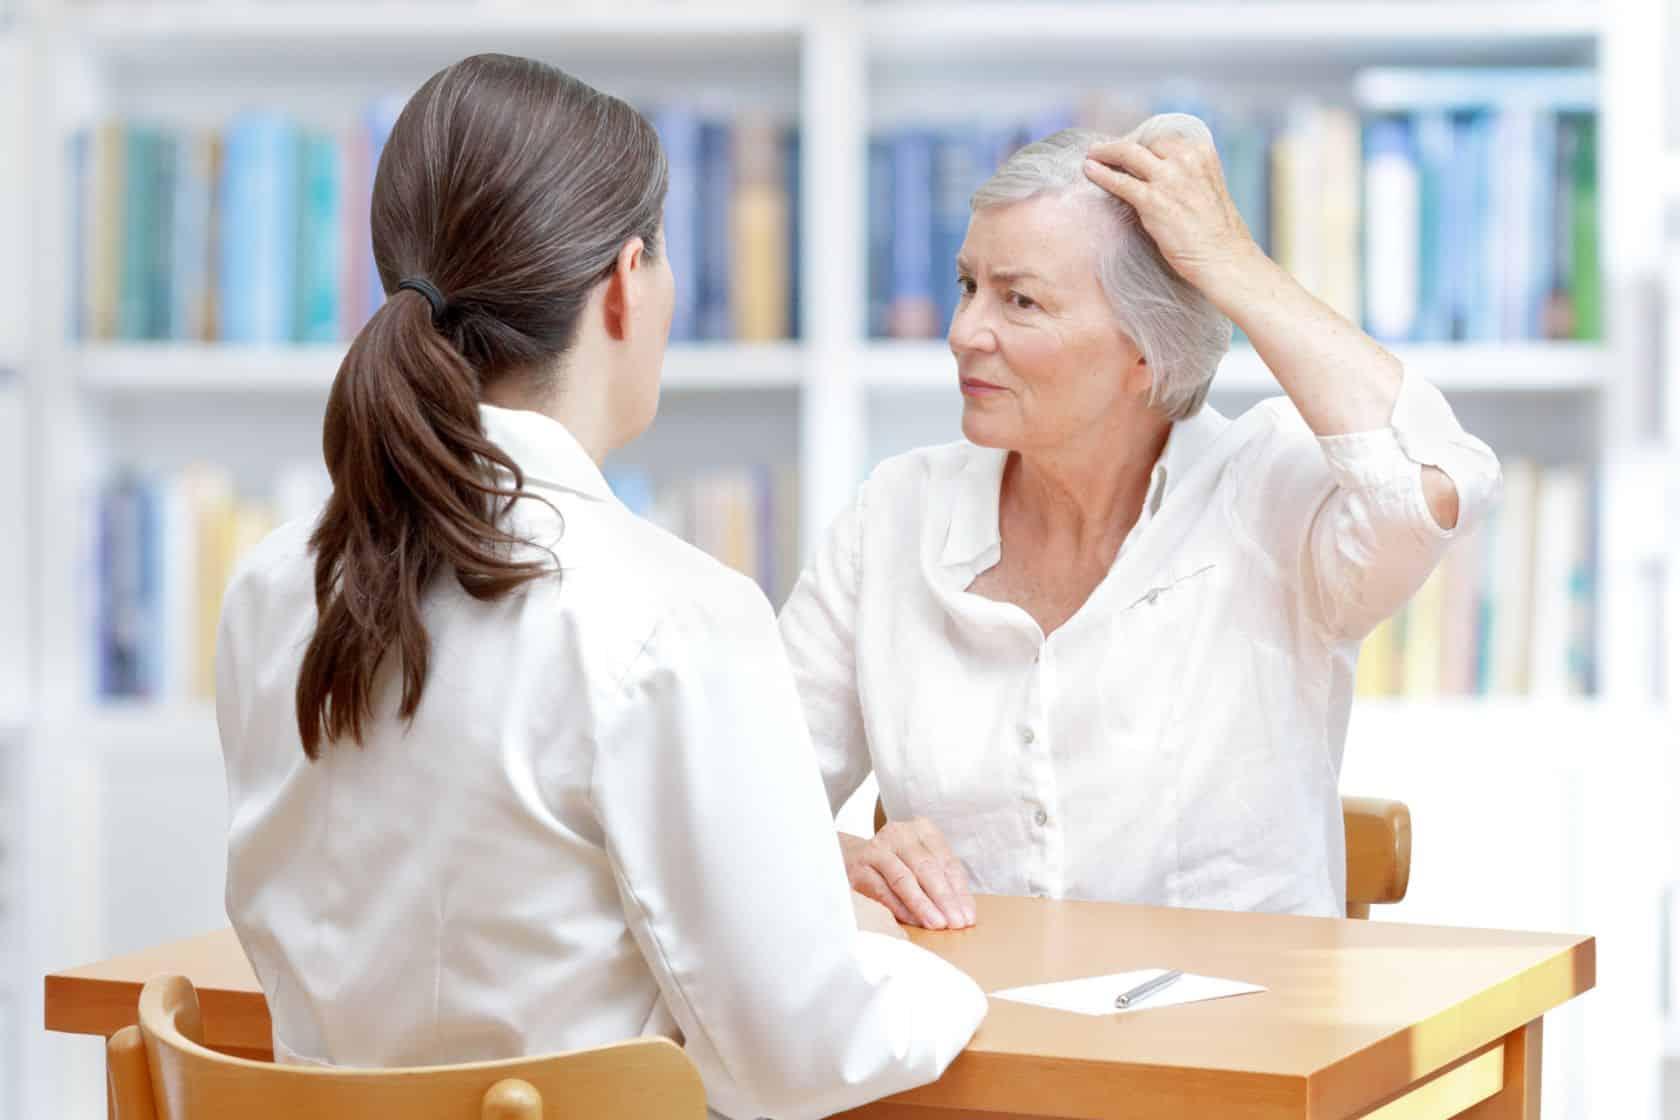 Dlaczego kobiety łysieją? Przyczyny i porady